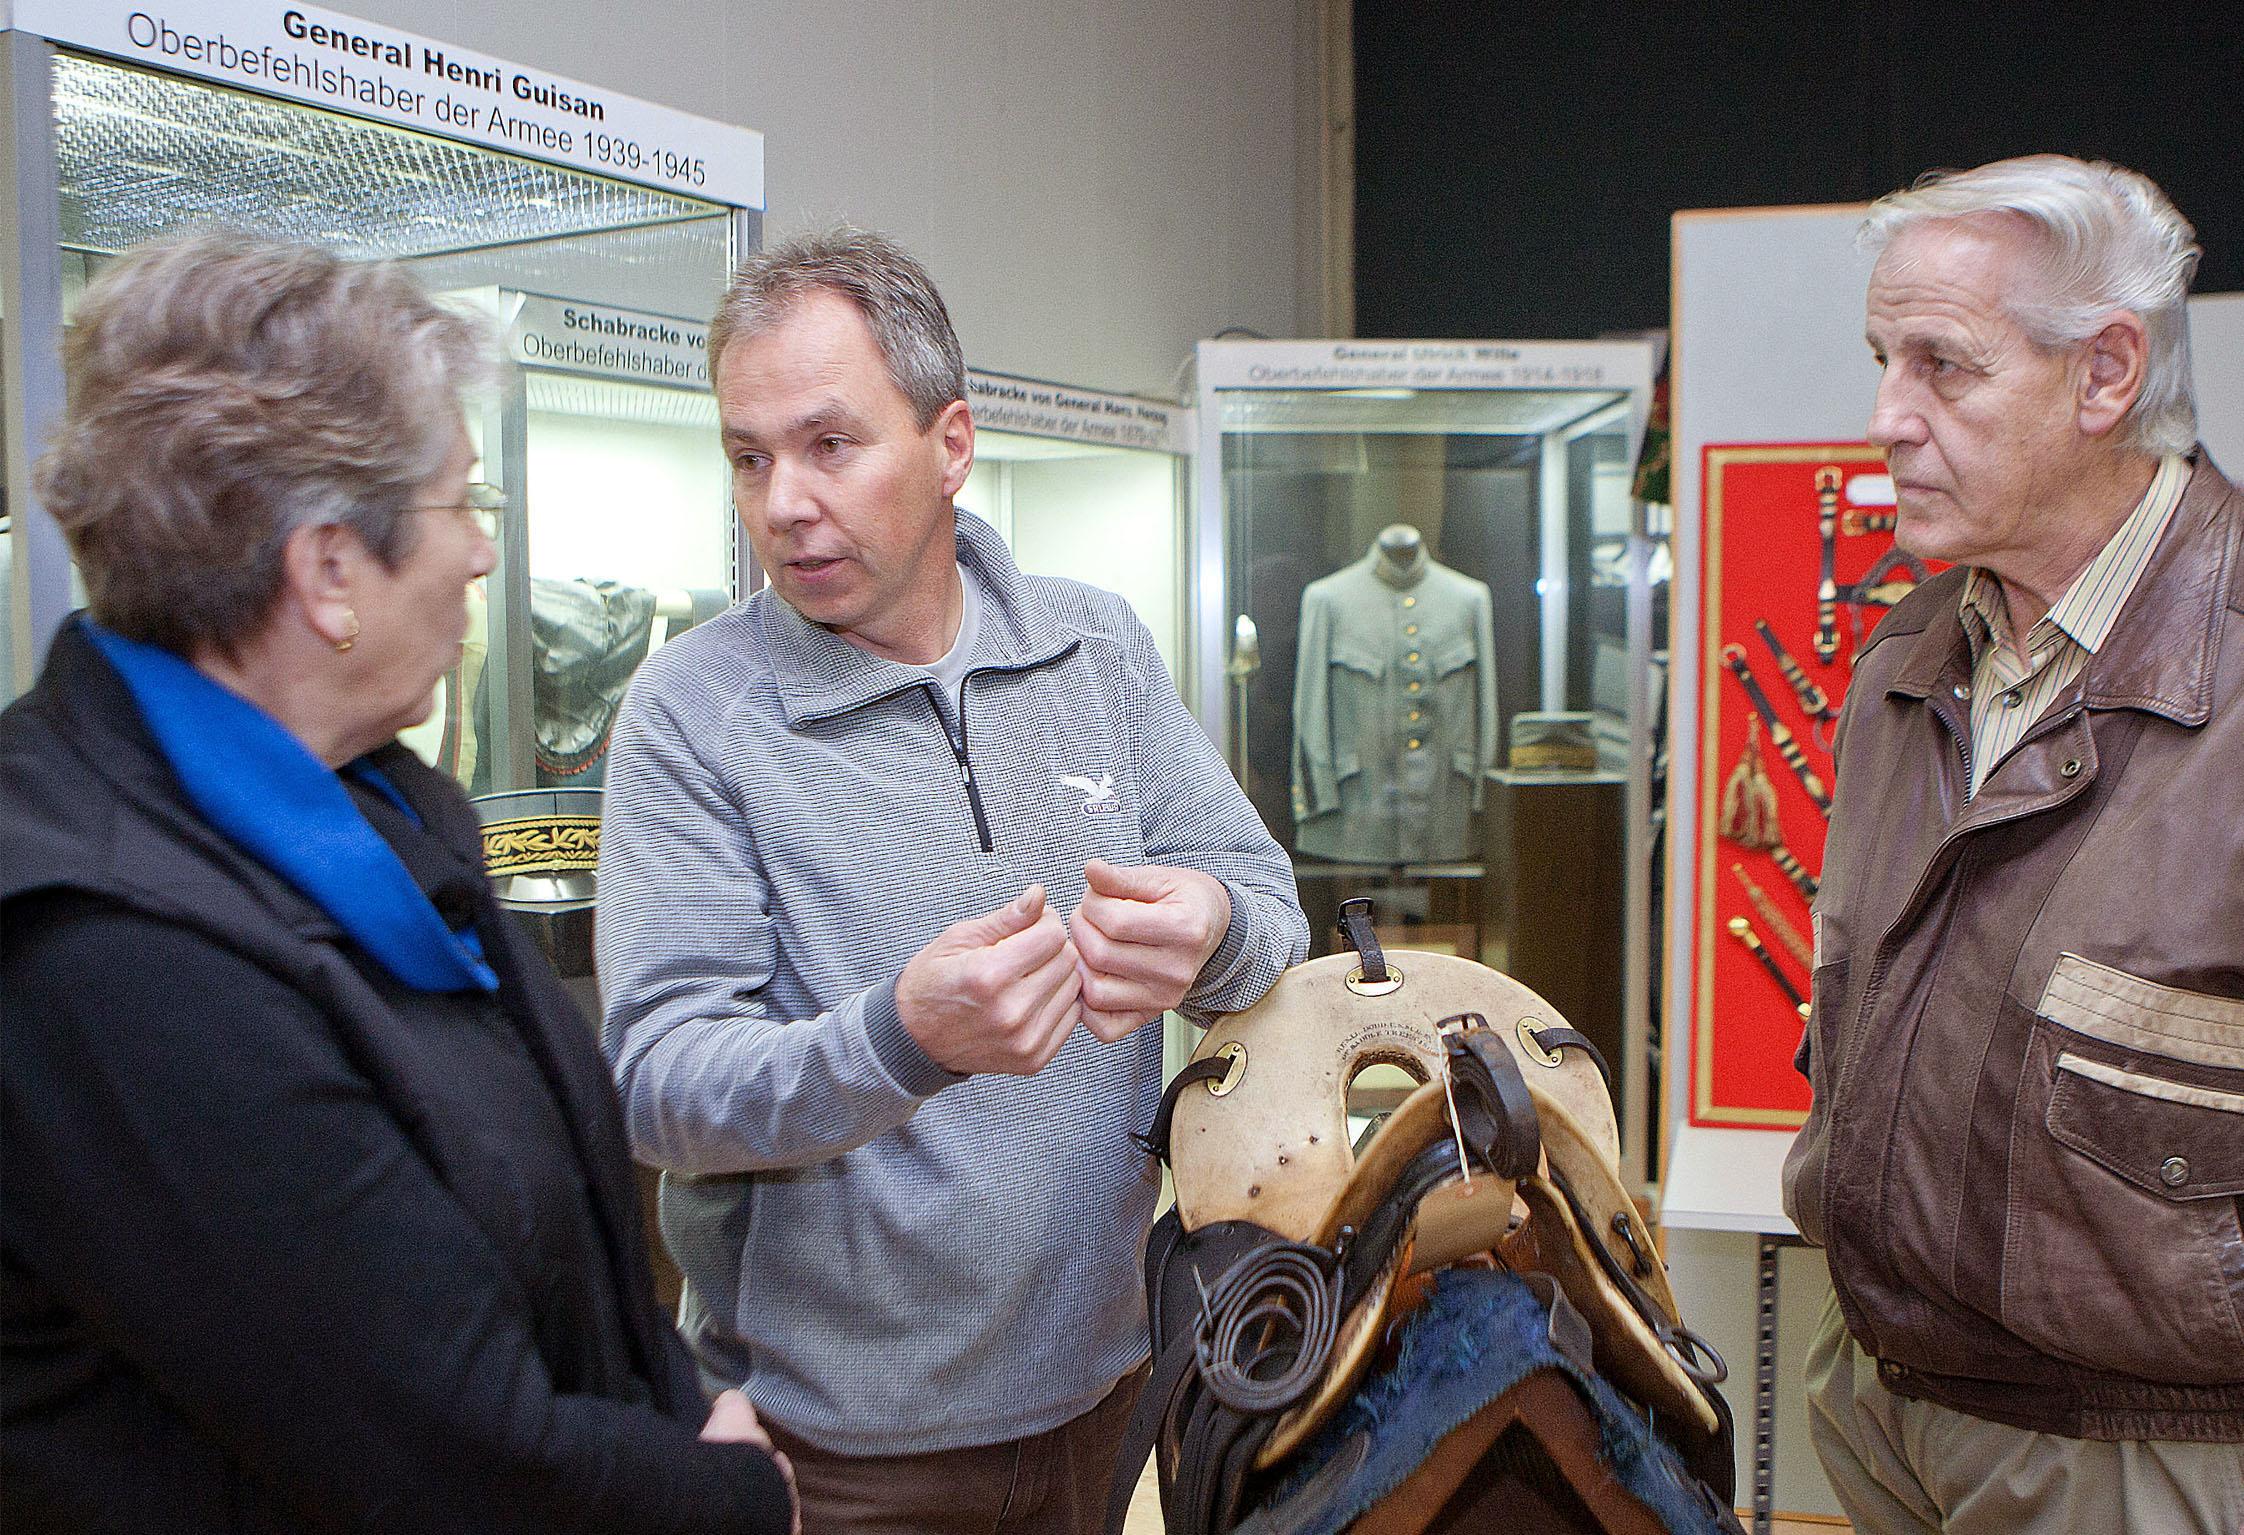 Die Gelegenheit zum Erfahrungsaustausch mit Fachleuten wurde rege benützt. Rolf Grünenwald, Berufssattler und als Restaurator tätig, im Gespräch mit interessierten Besuchern.